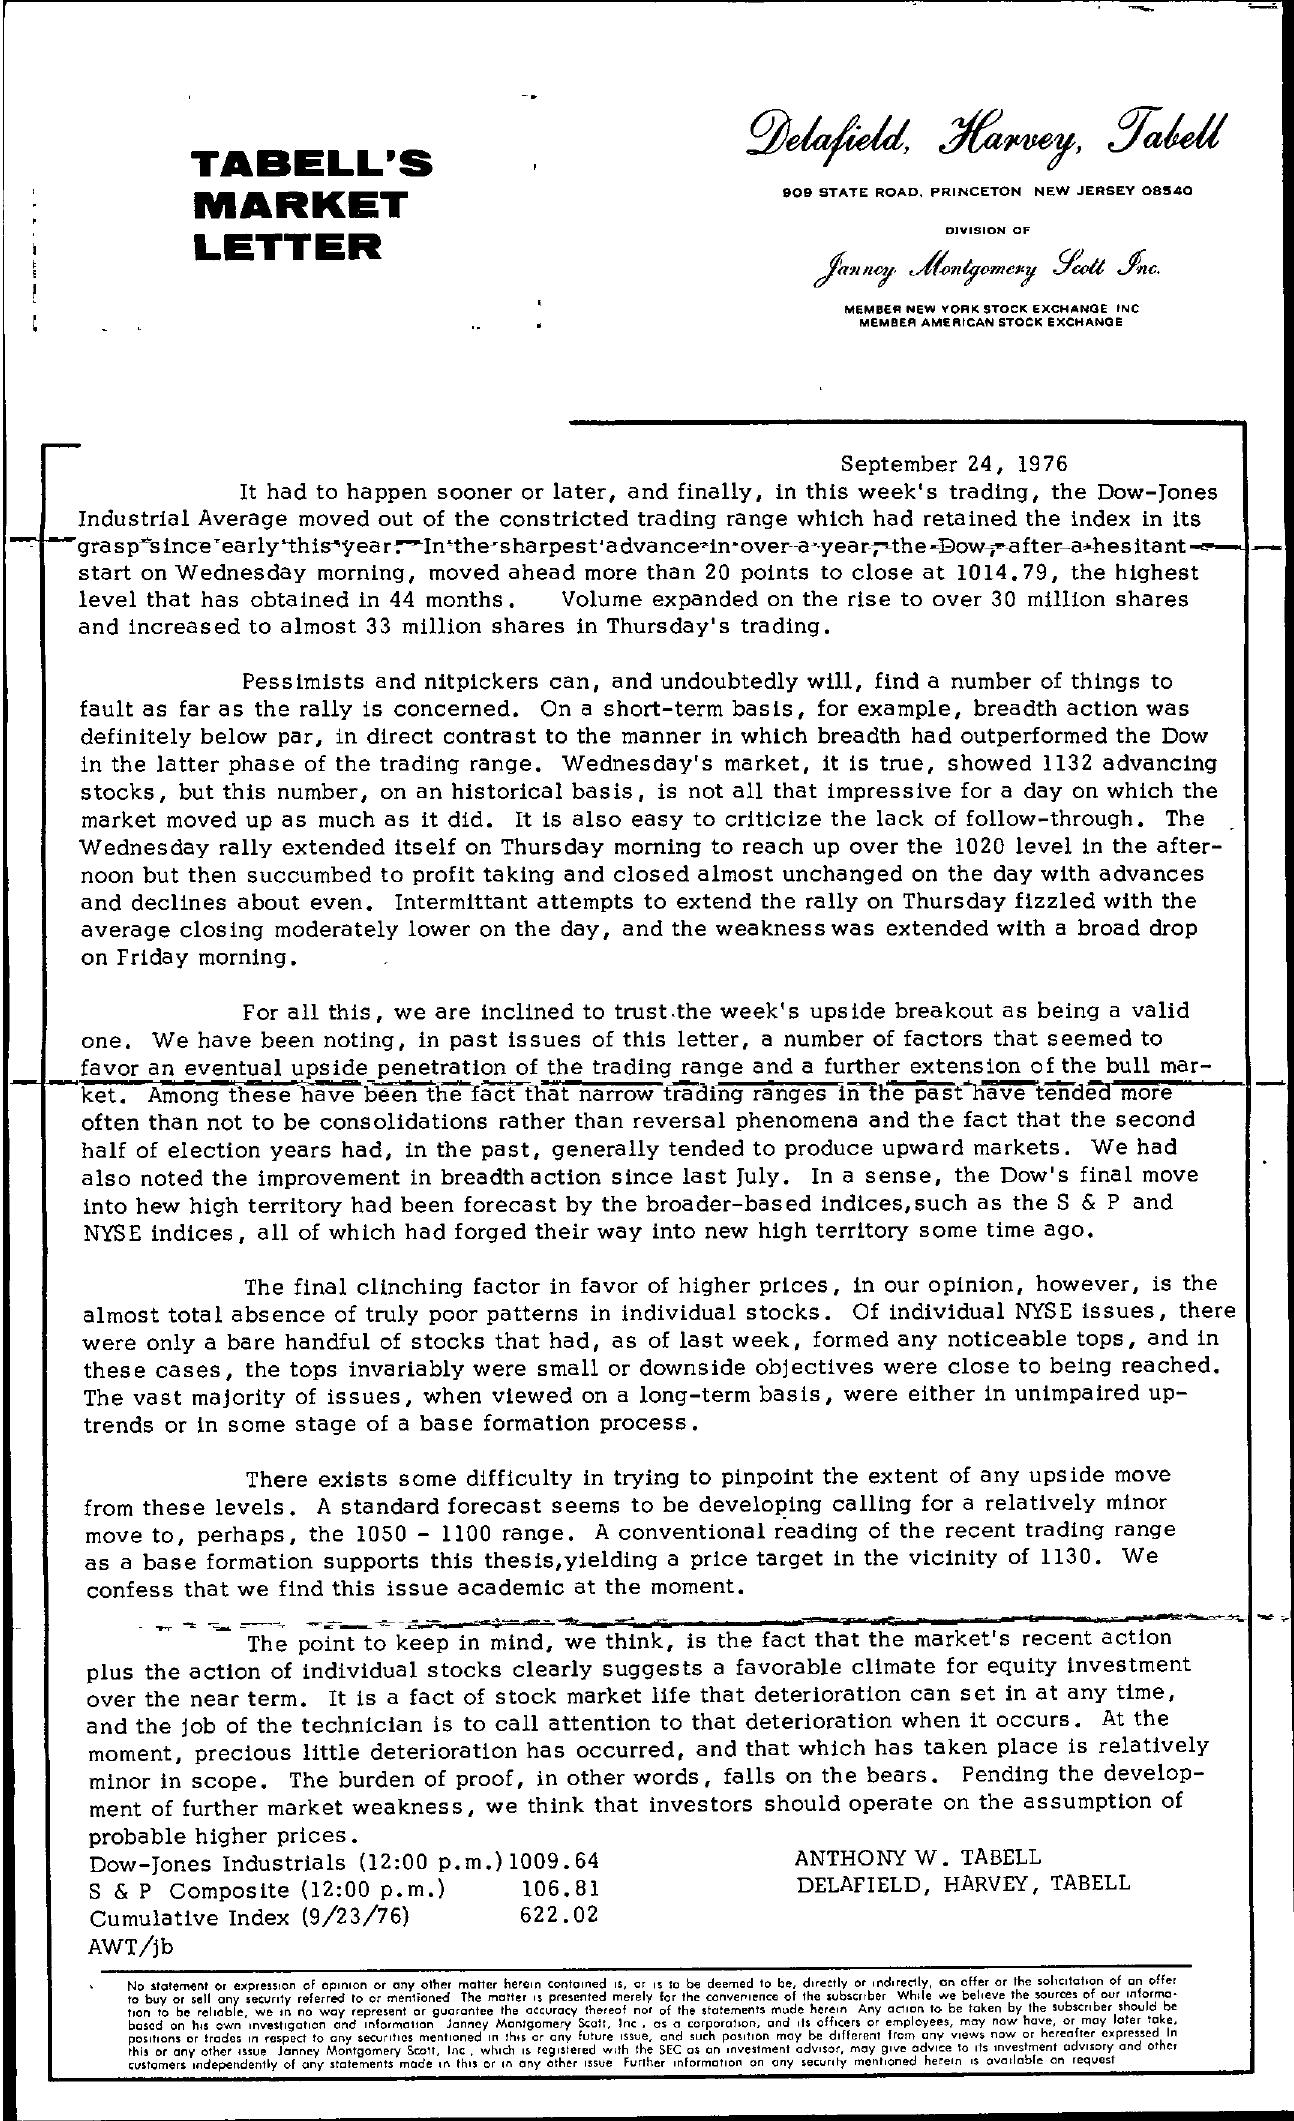 Tabell's Market Letter - September 24, 1976